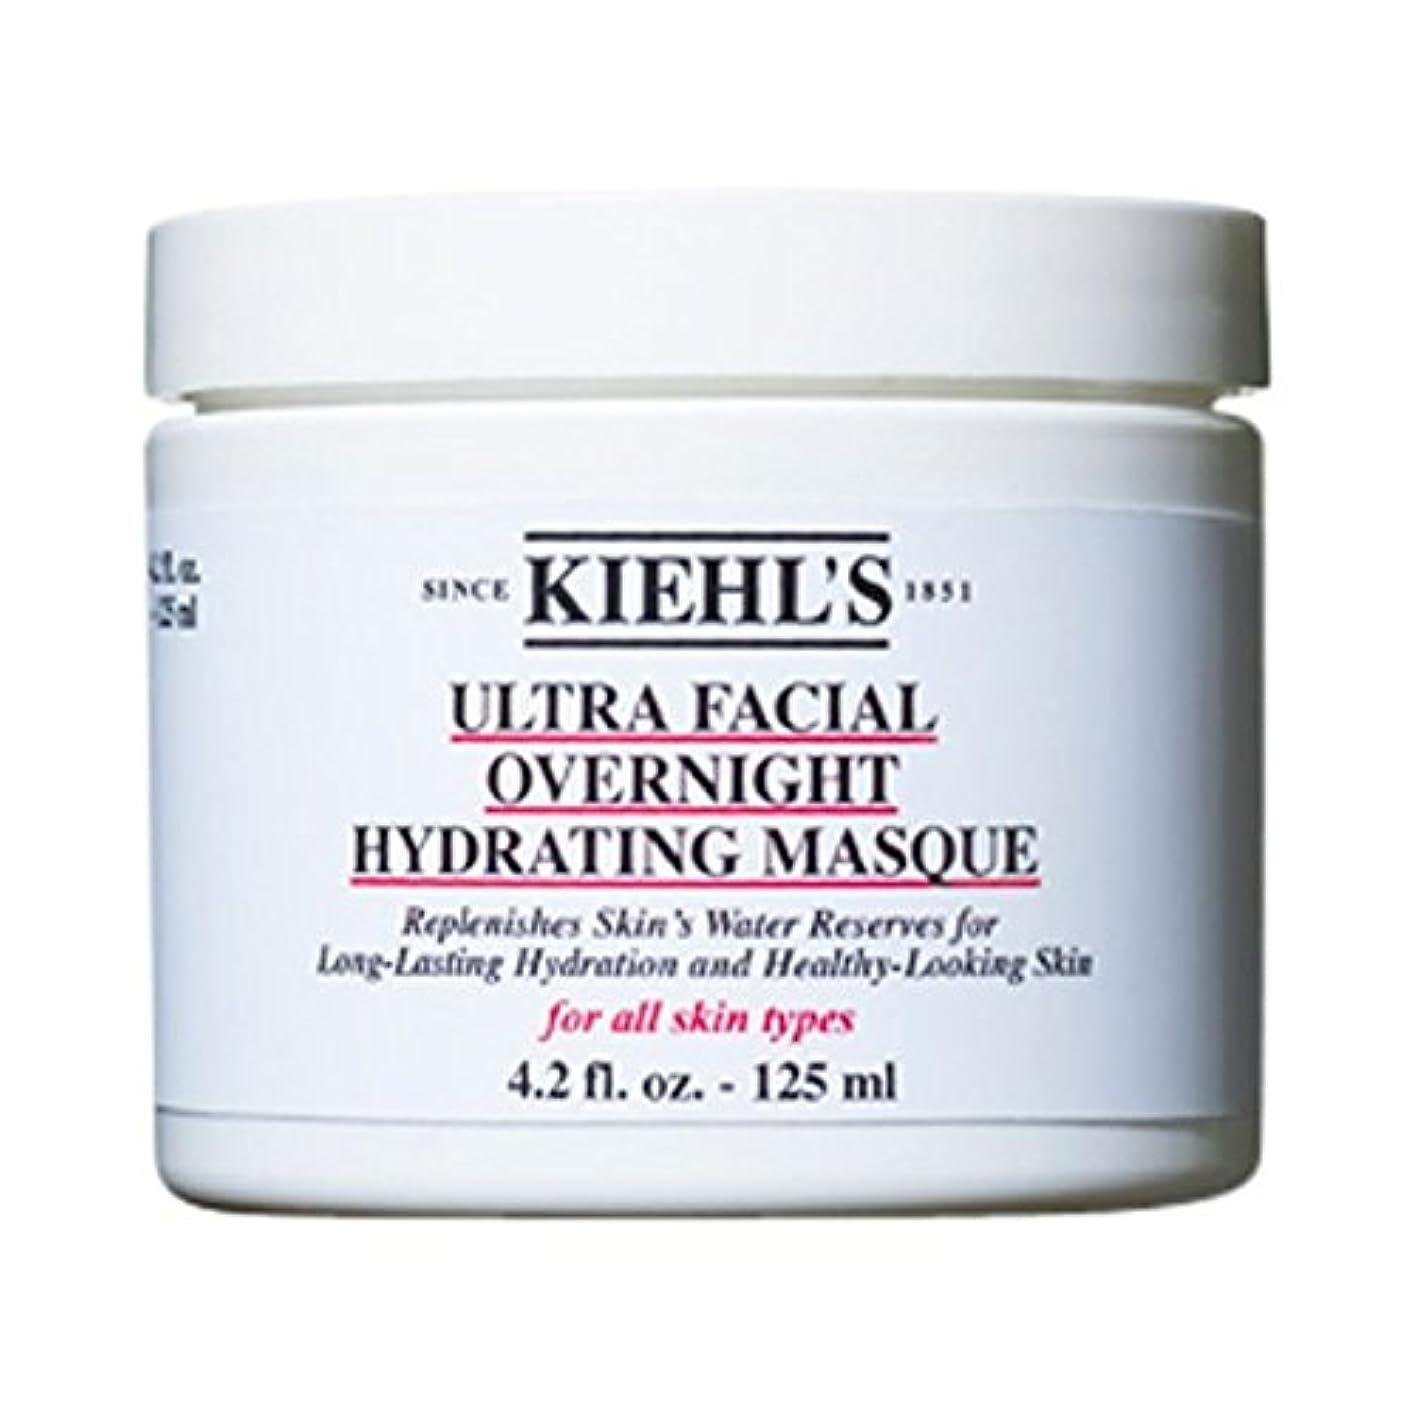 メンター影響を受けやすいですしがみつく[Kiehl's] 超顔の仮面劇の125ミリリットル - Ultra Facial Masque 125ml [並行輸入品]